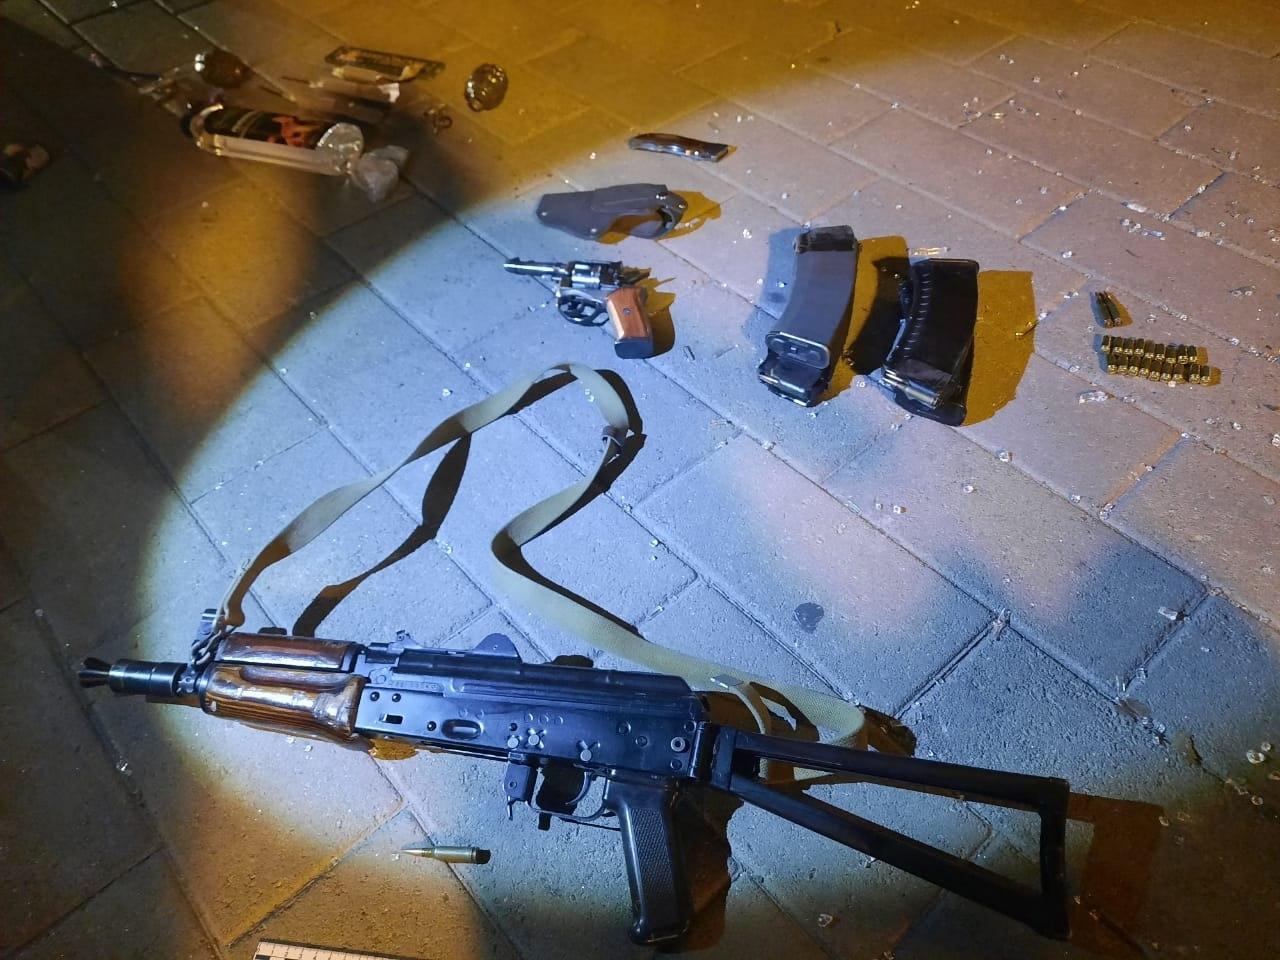 Андрій Цаплієнко оприлюднив фото арсенала терориста